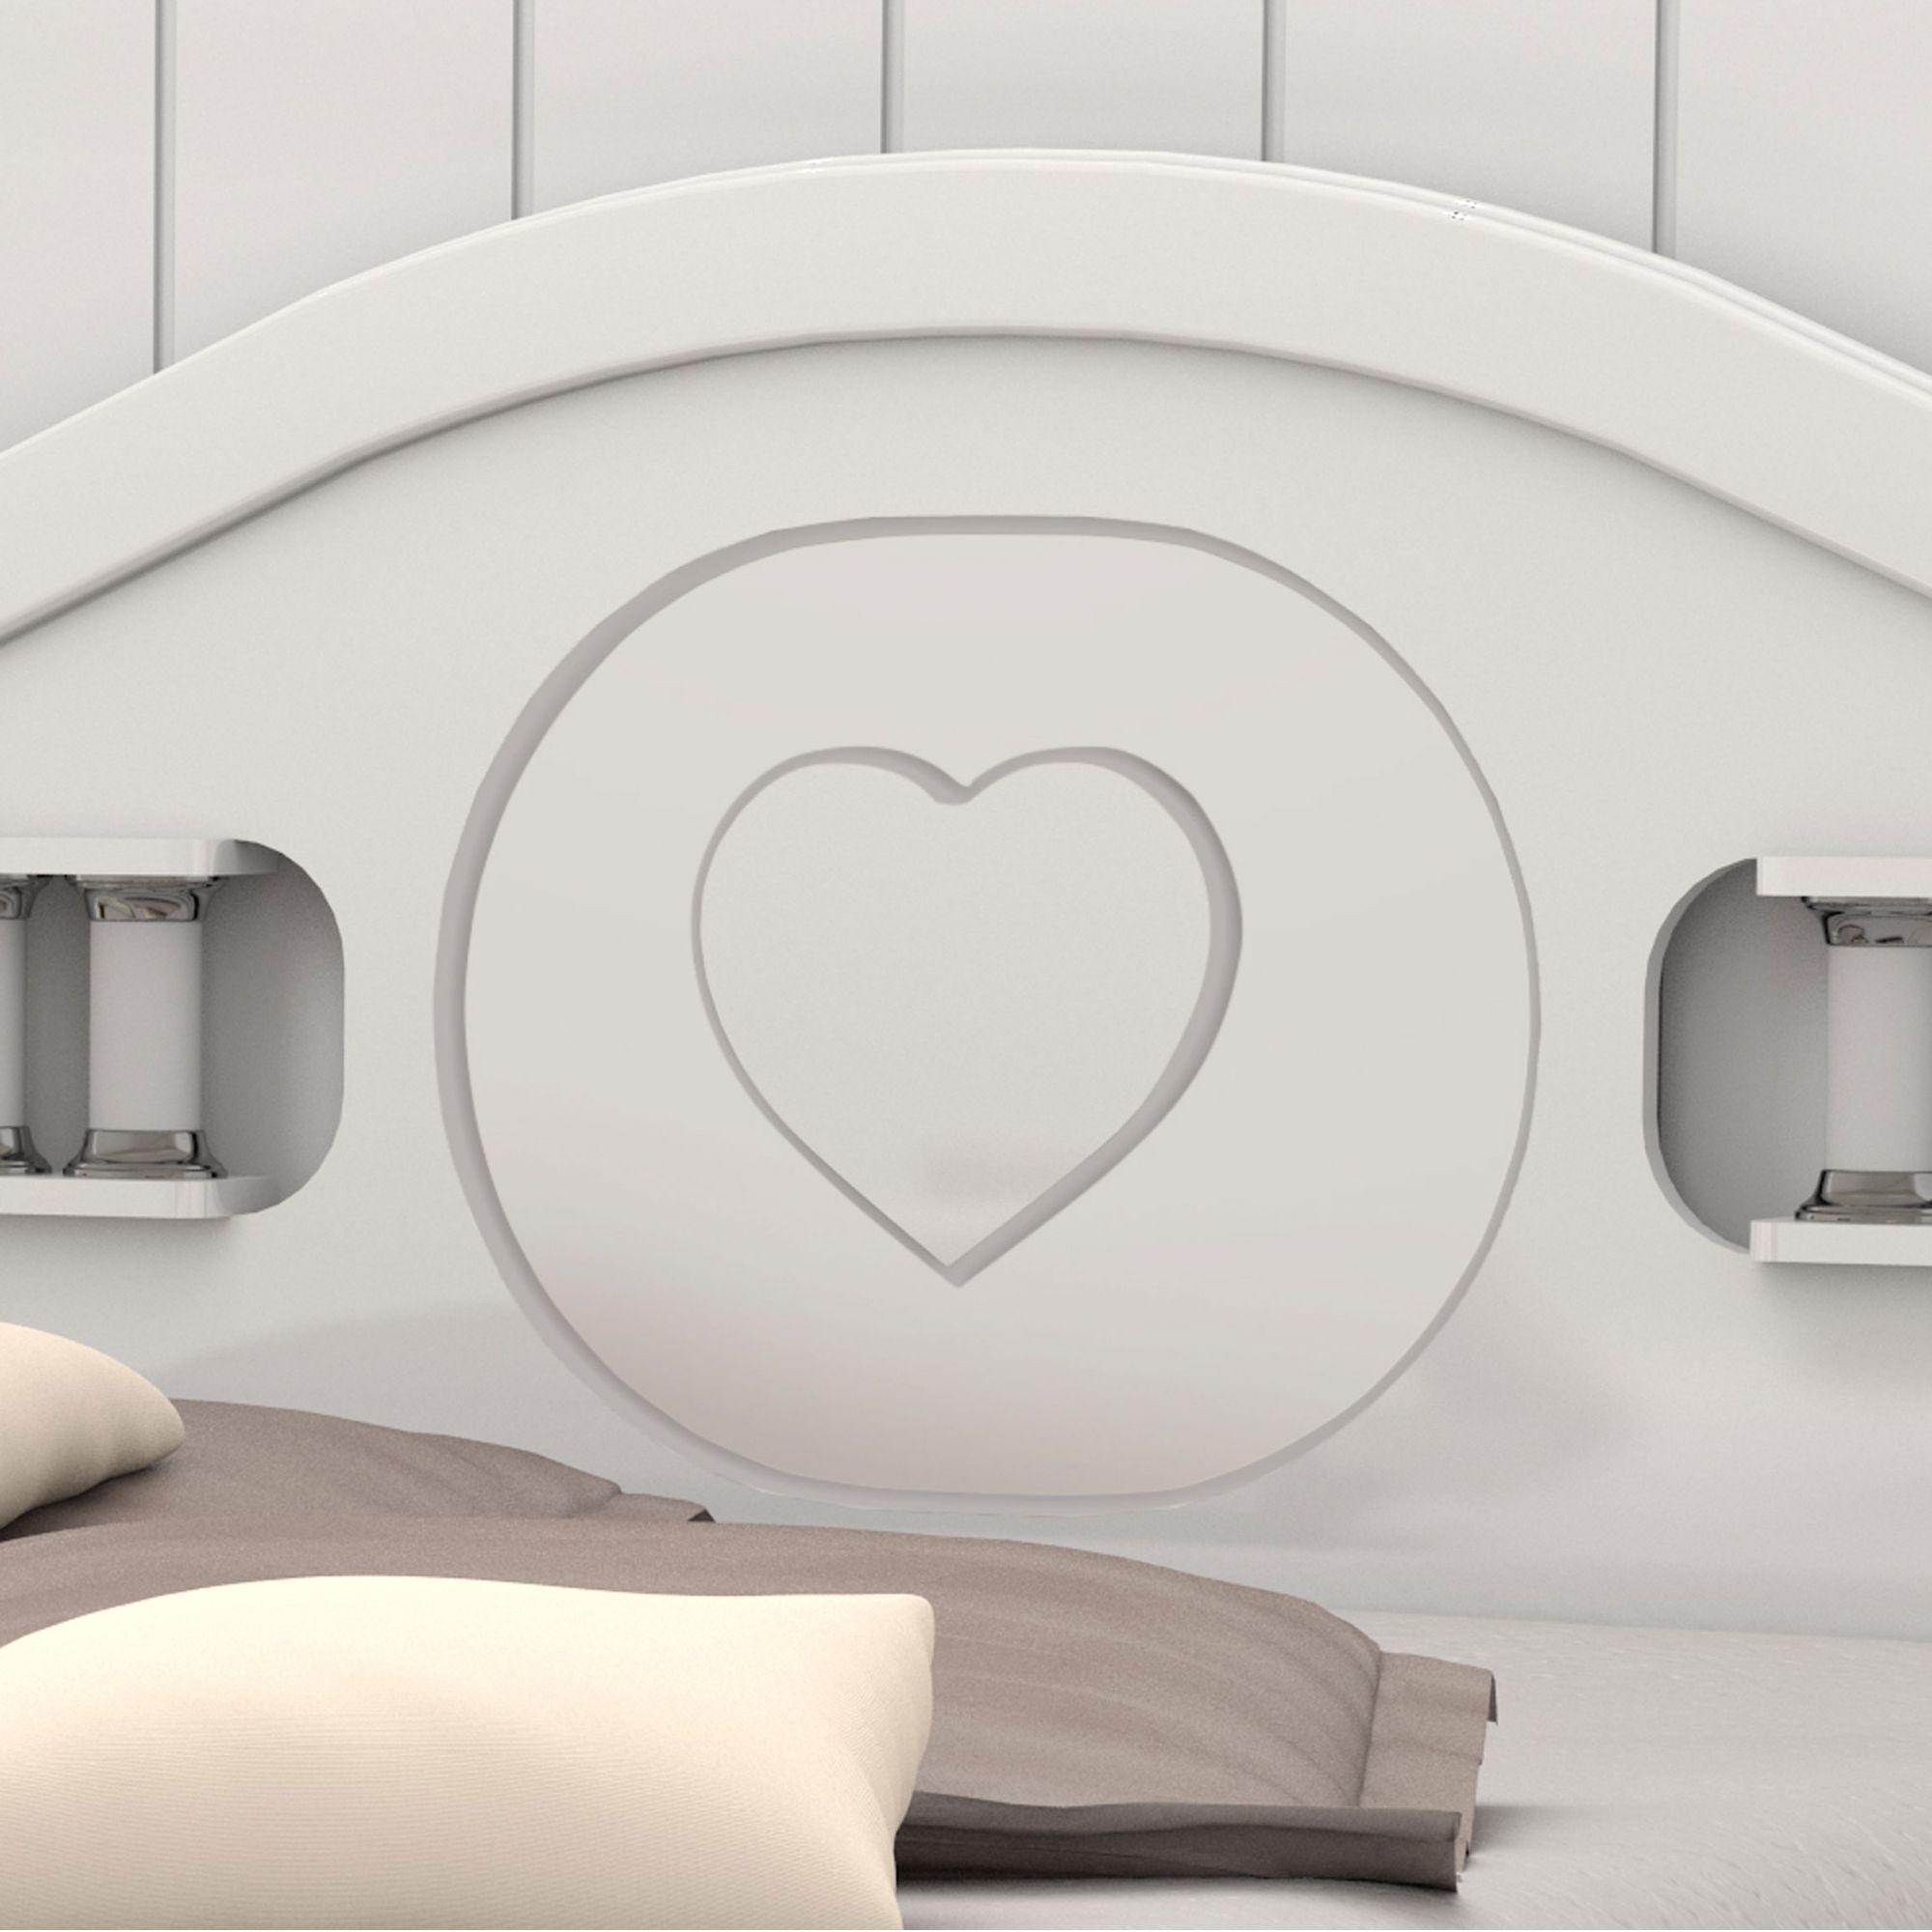 Cama Casal Coração Branco